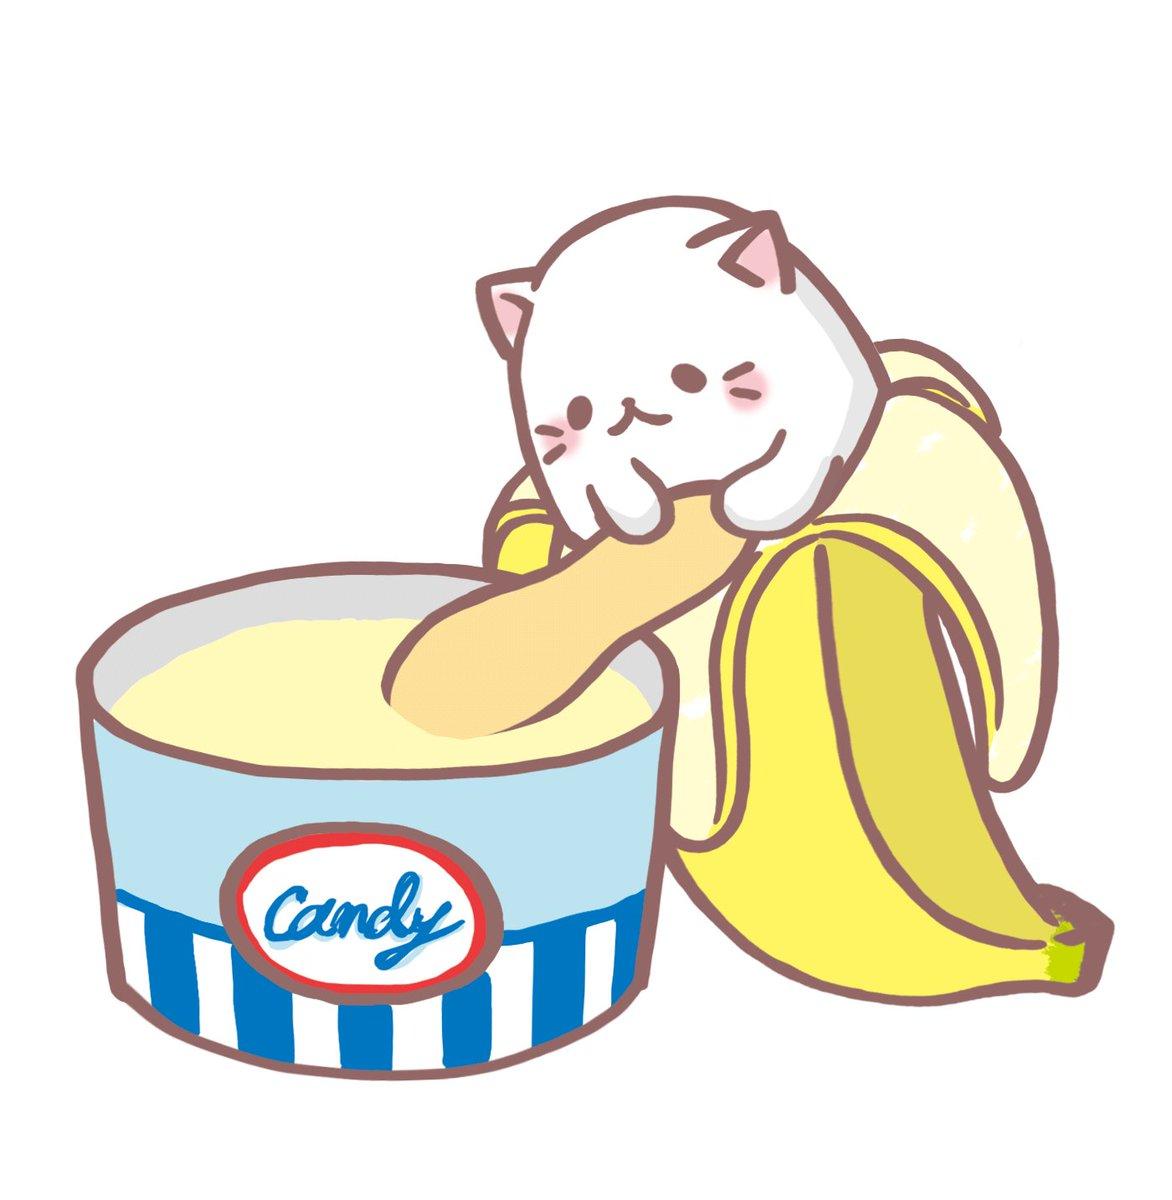 5月9日は #アイスの日  にゃ!! ばなにゃが嬉しそうにアイスを食べようとしているみたい!! #ばなにゃ #banan